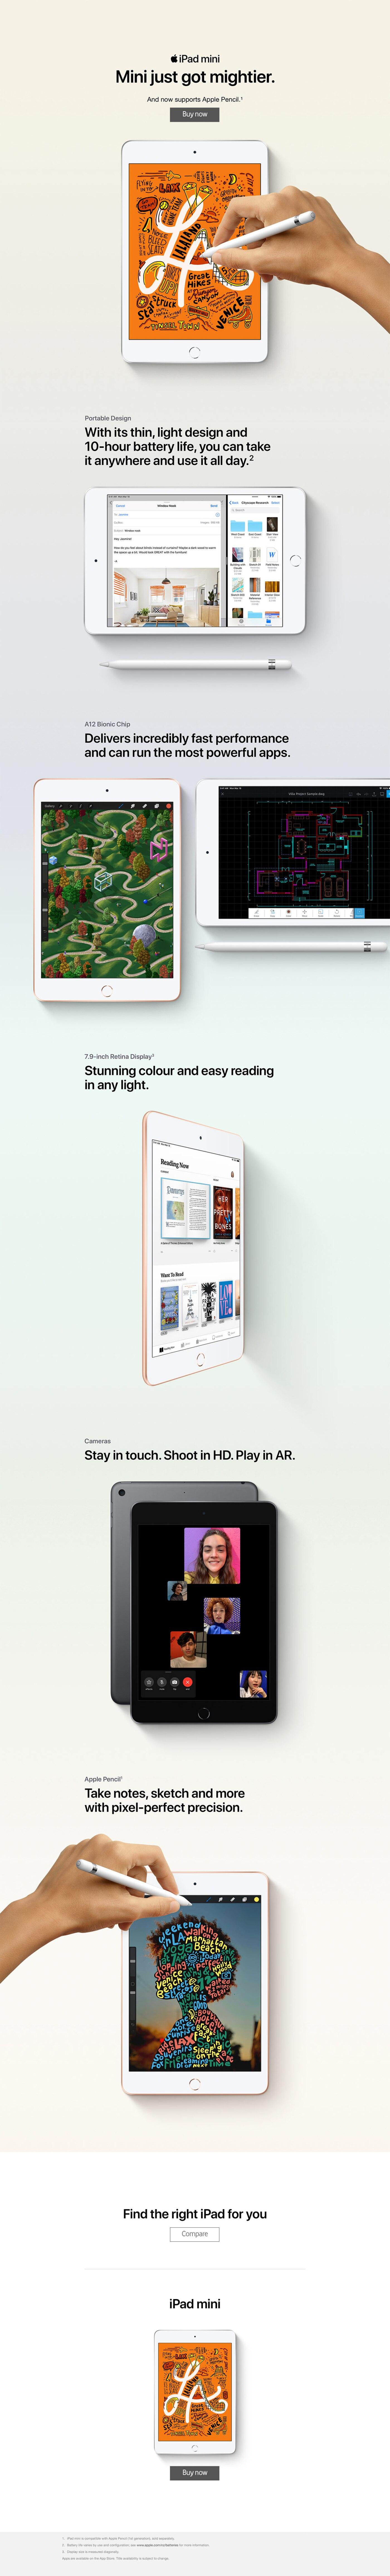 iPad mini features